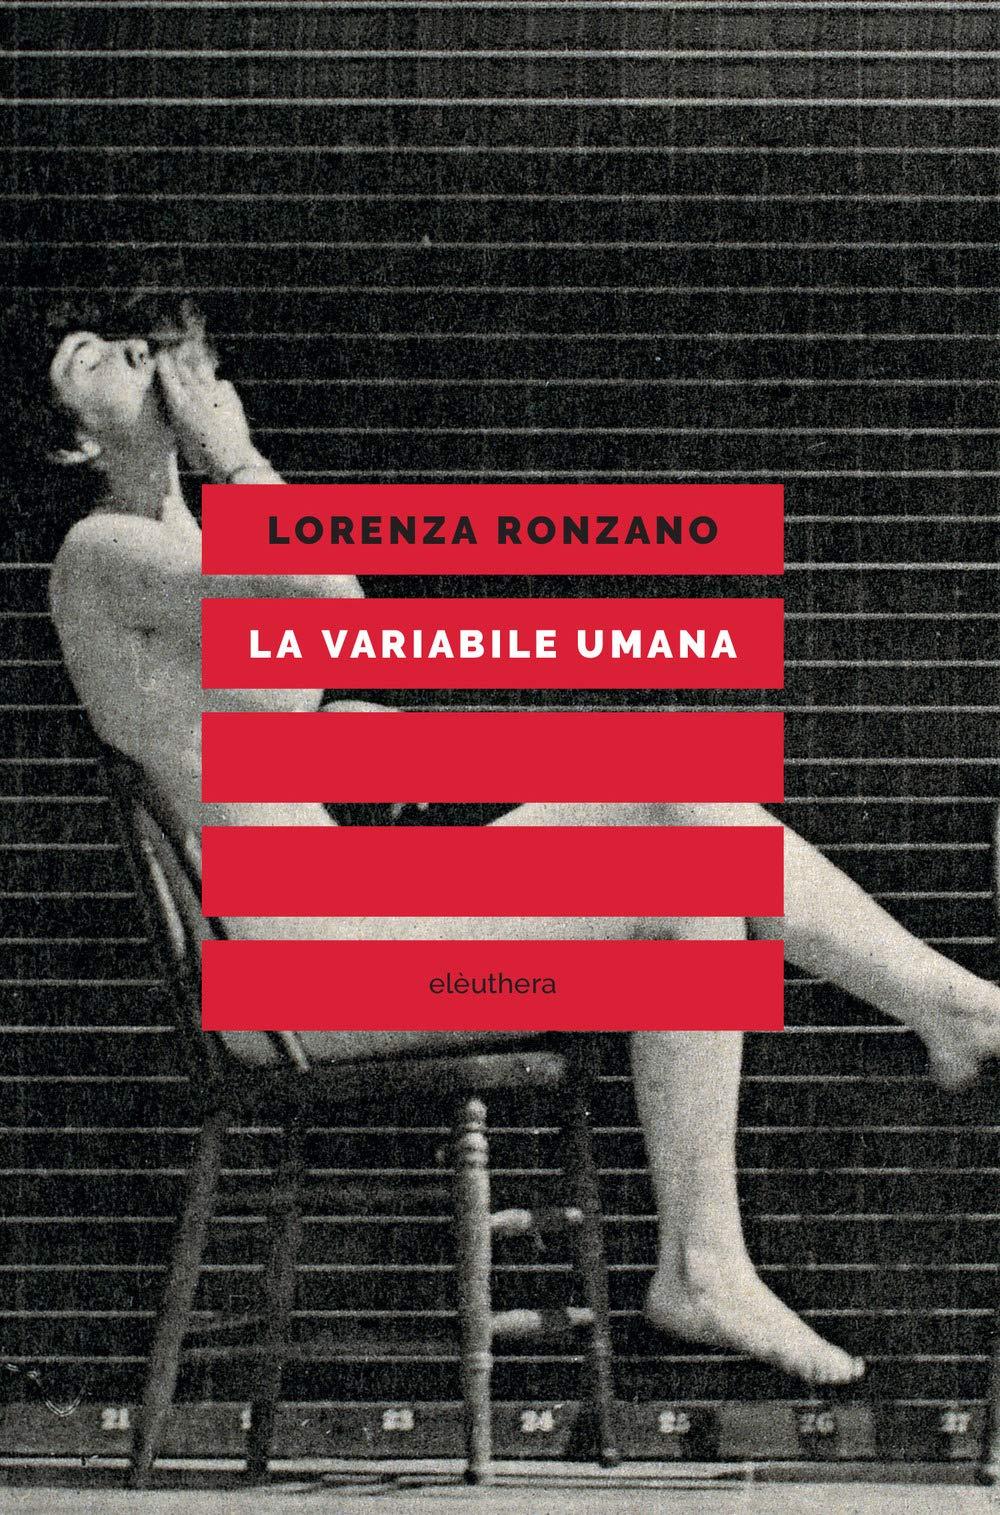 Lorenza Ronzano - La variabile umana (2019)